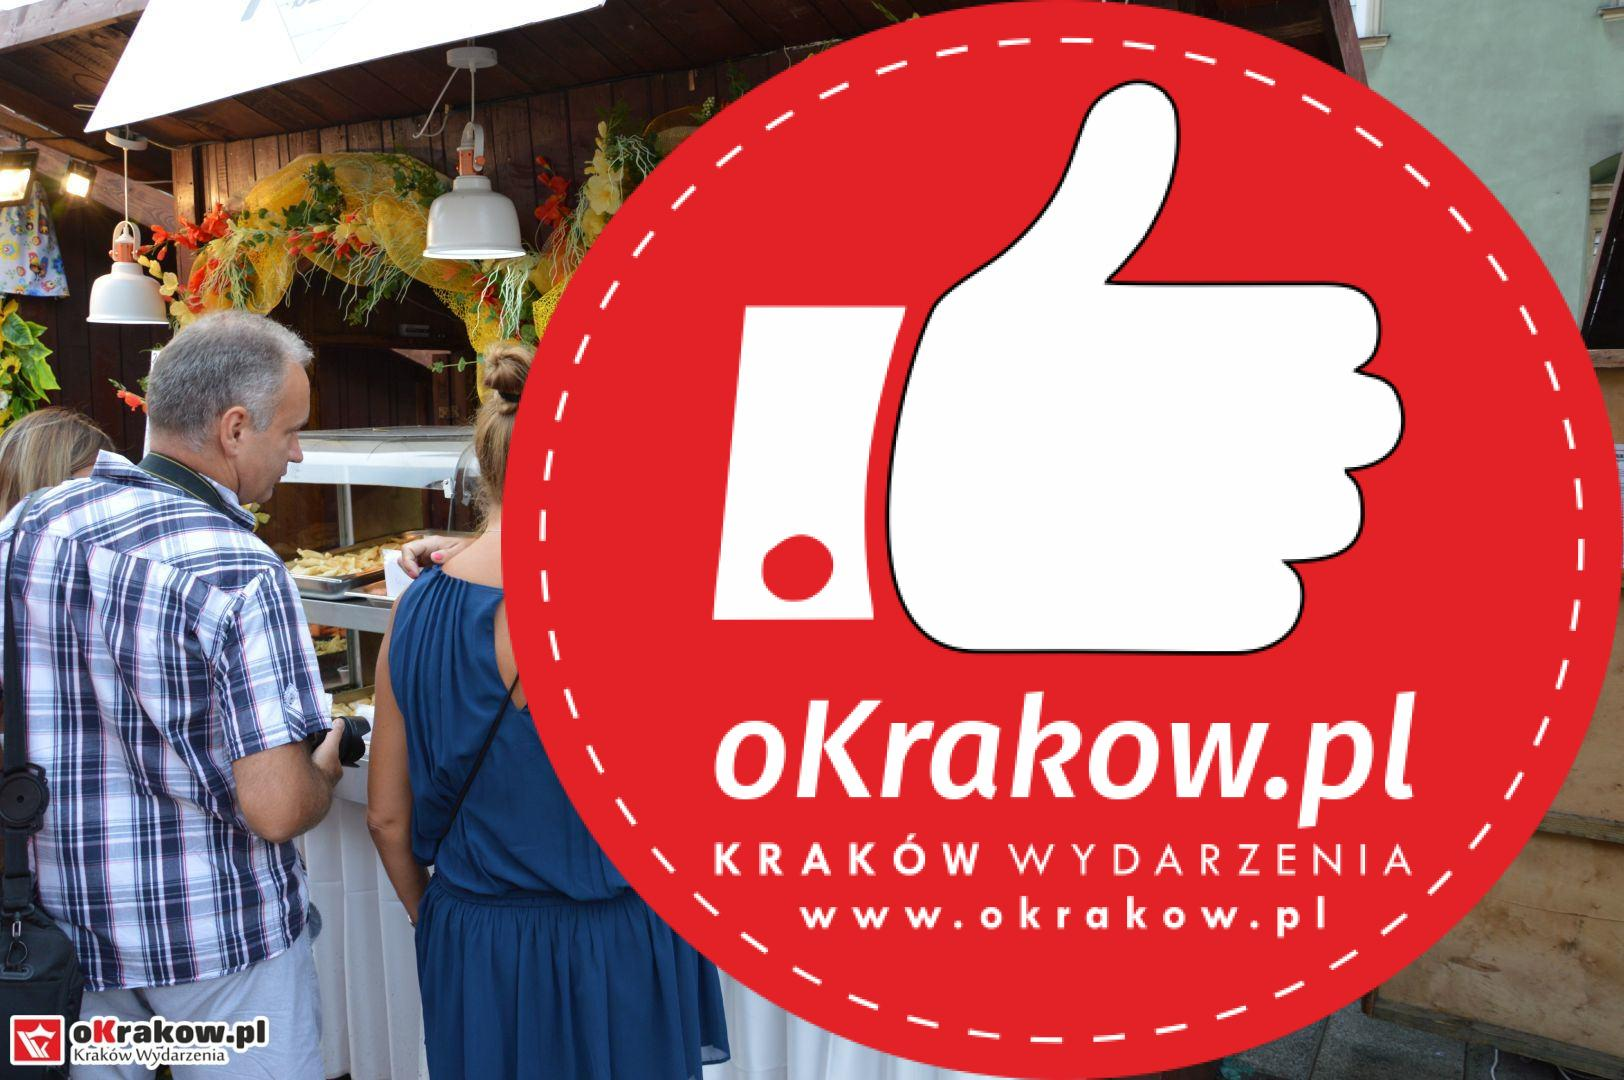 krakow festiwal pierogow maly rynek koncert cheap tobacco 8 1 - Galeria zdjęć Festiwal Pierogów Kraków 2018 + zdjęcia z koncertu Cheap Tobacco